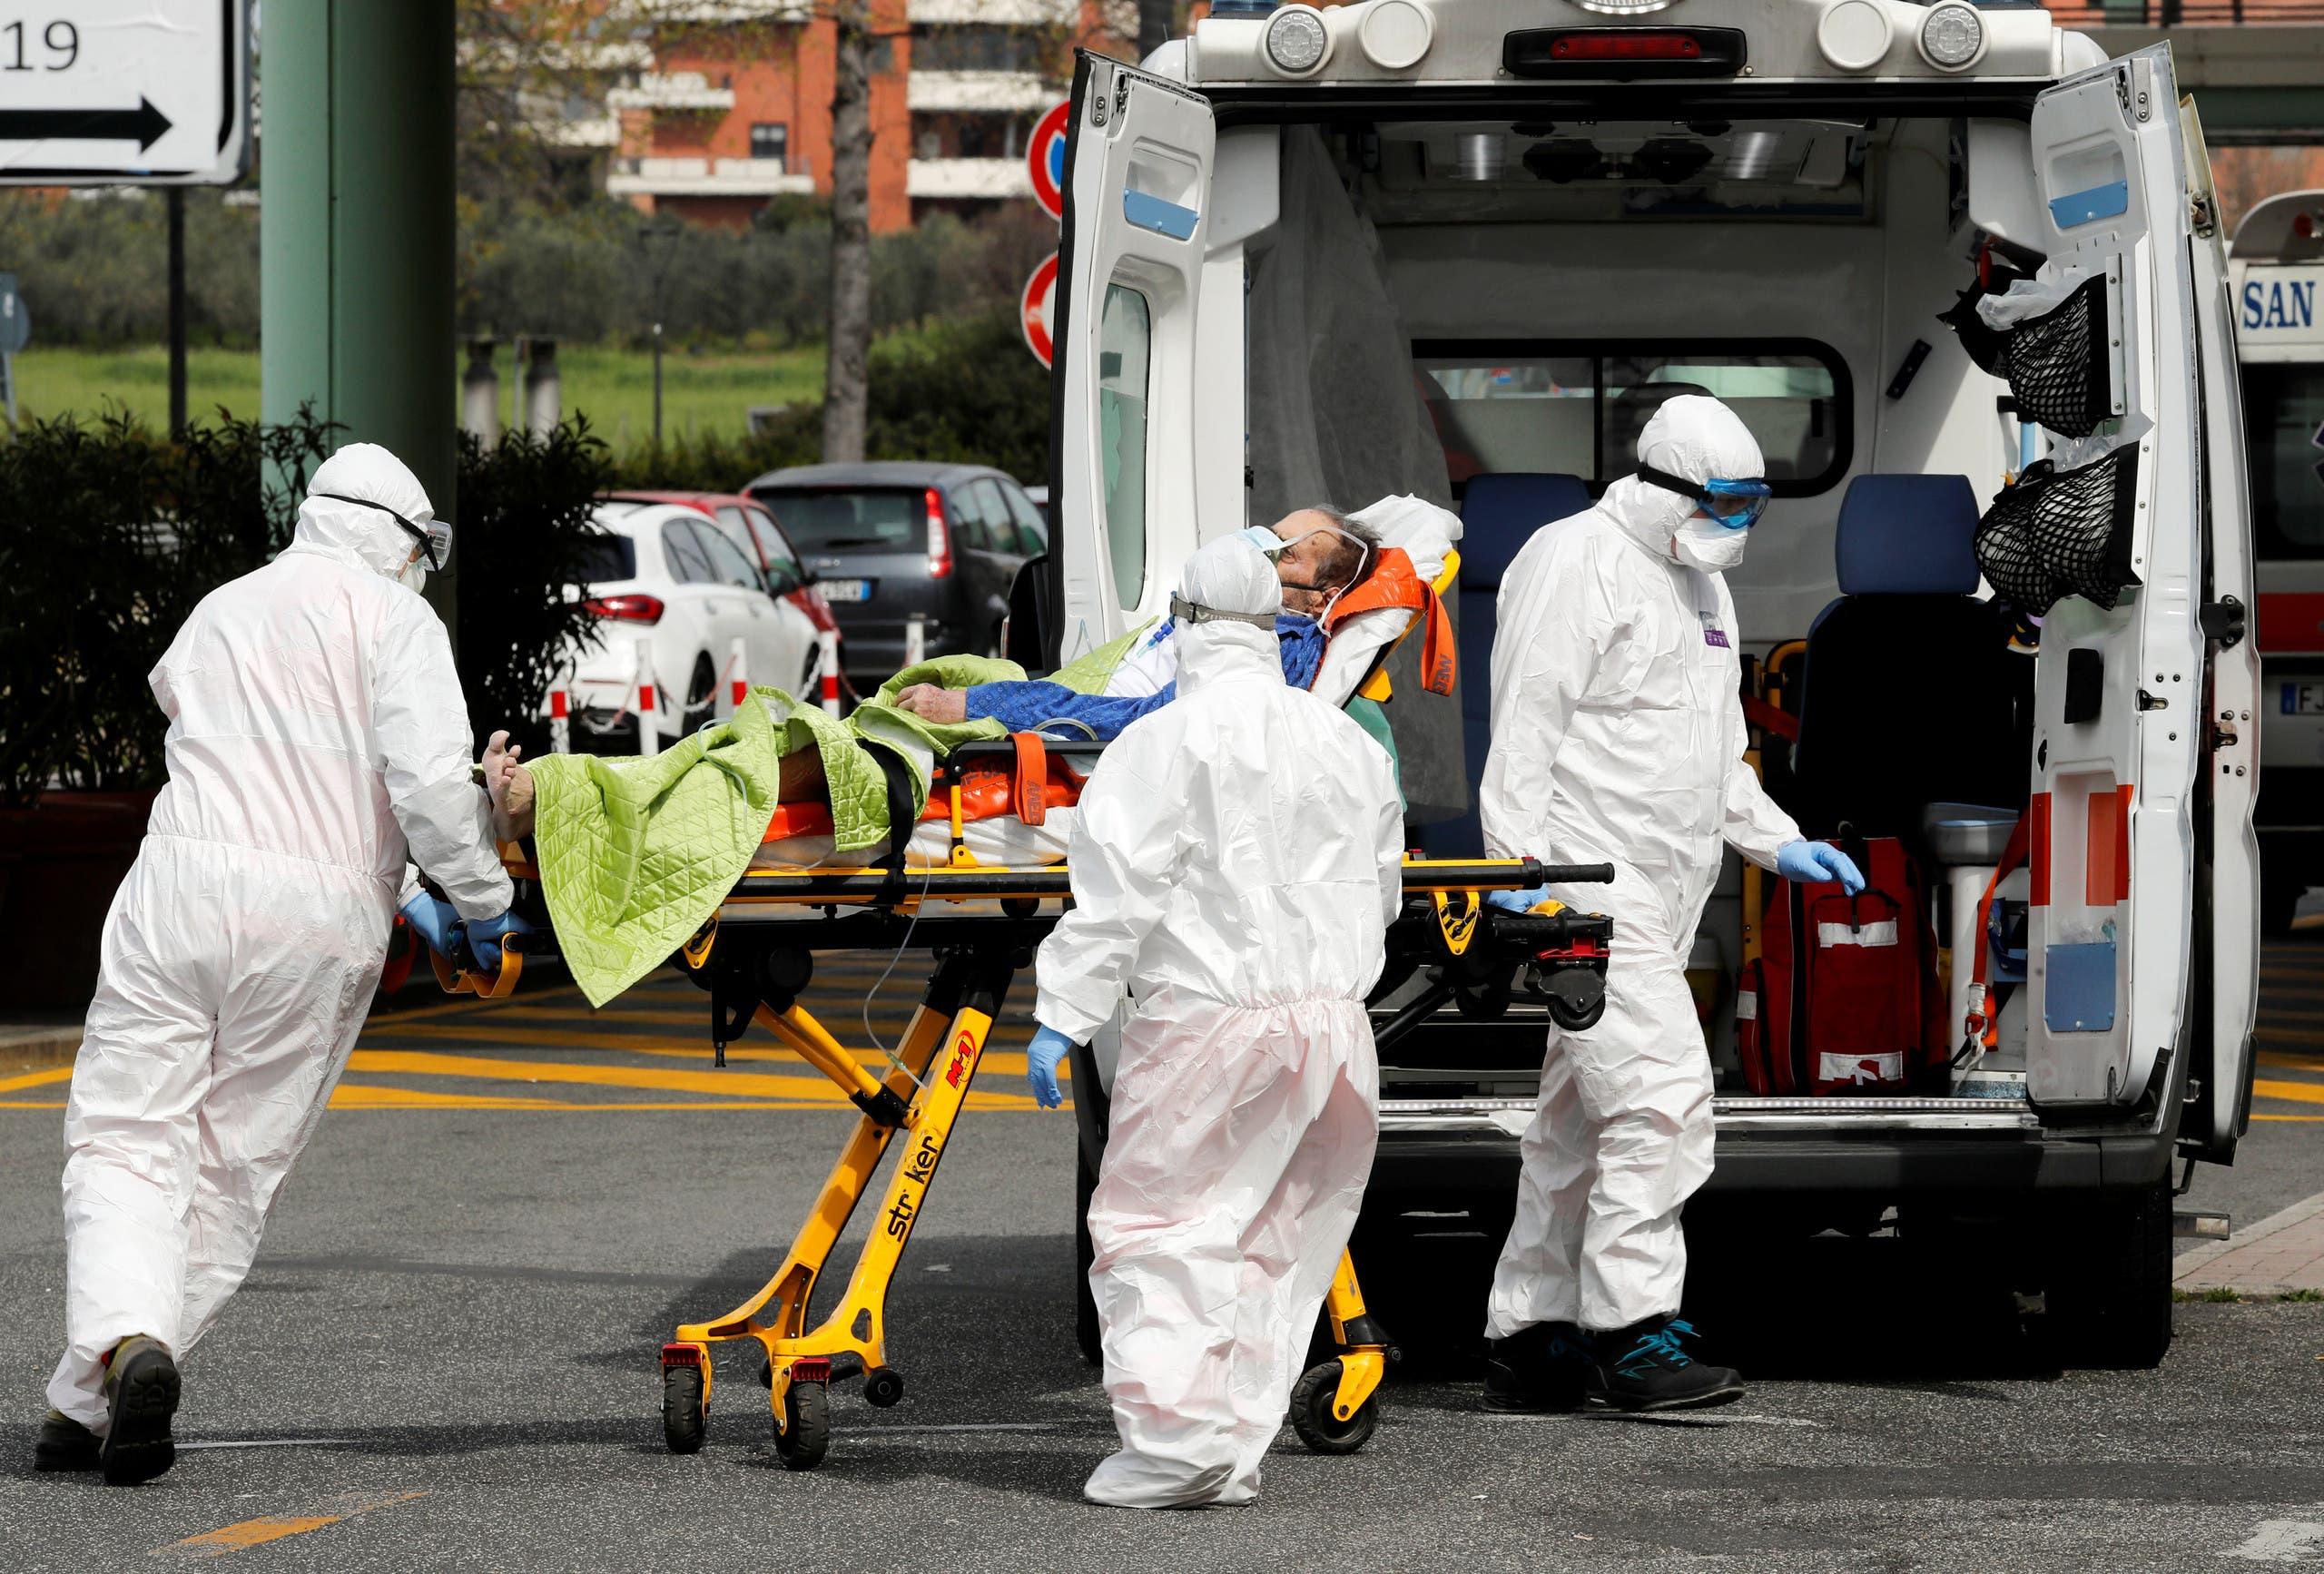 أفراد بالرعاية الصحية ينقلون مريضاً بفيروس كورونا في روما يوم 30 مارس (رويترز)